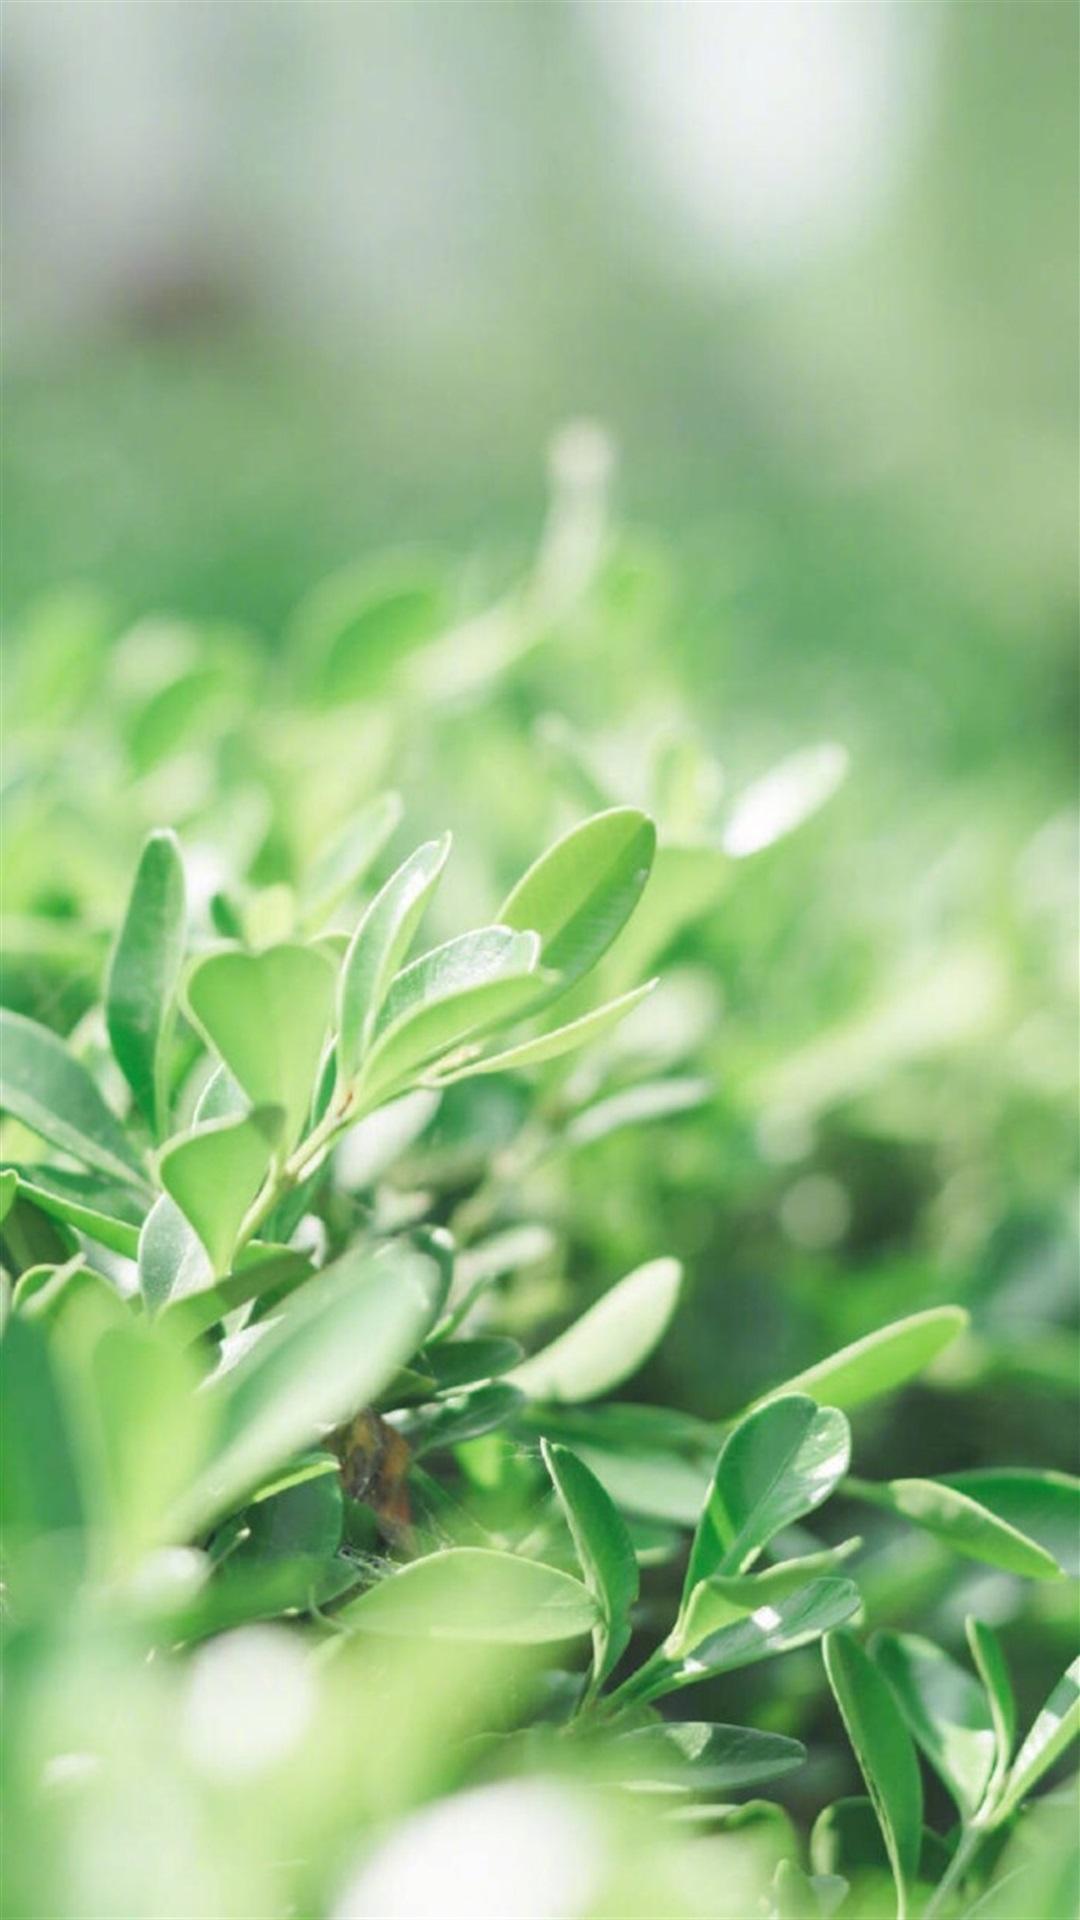 清新护眼绿色植物手机壁纸_360社区